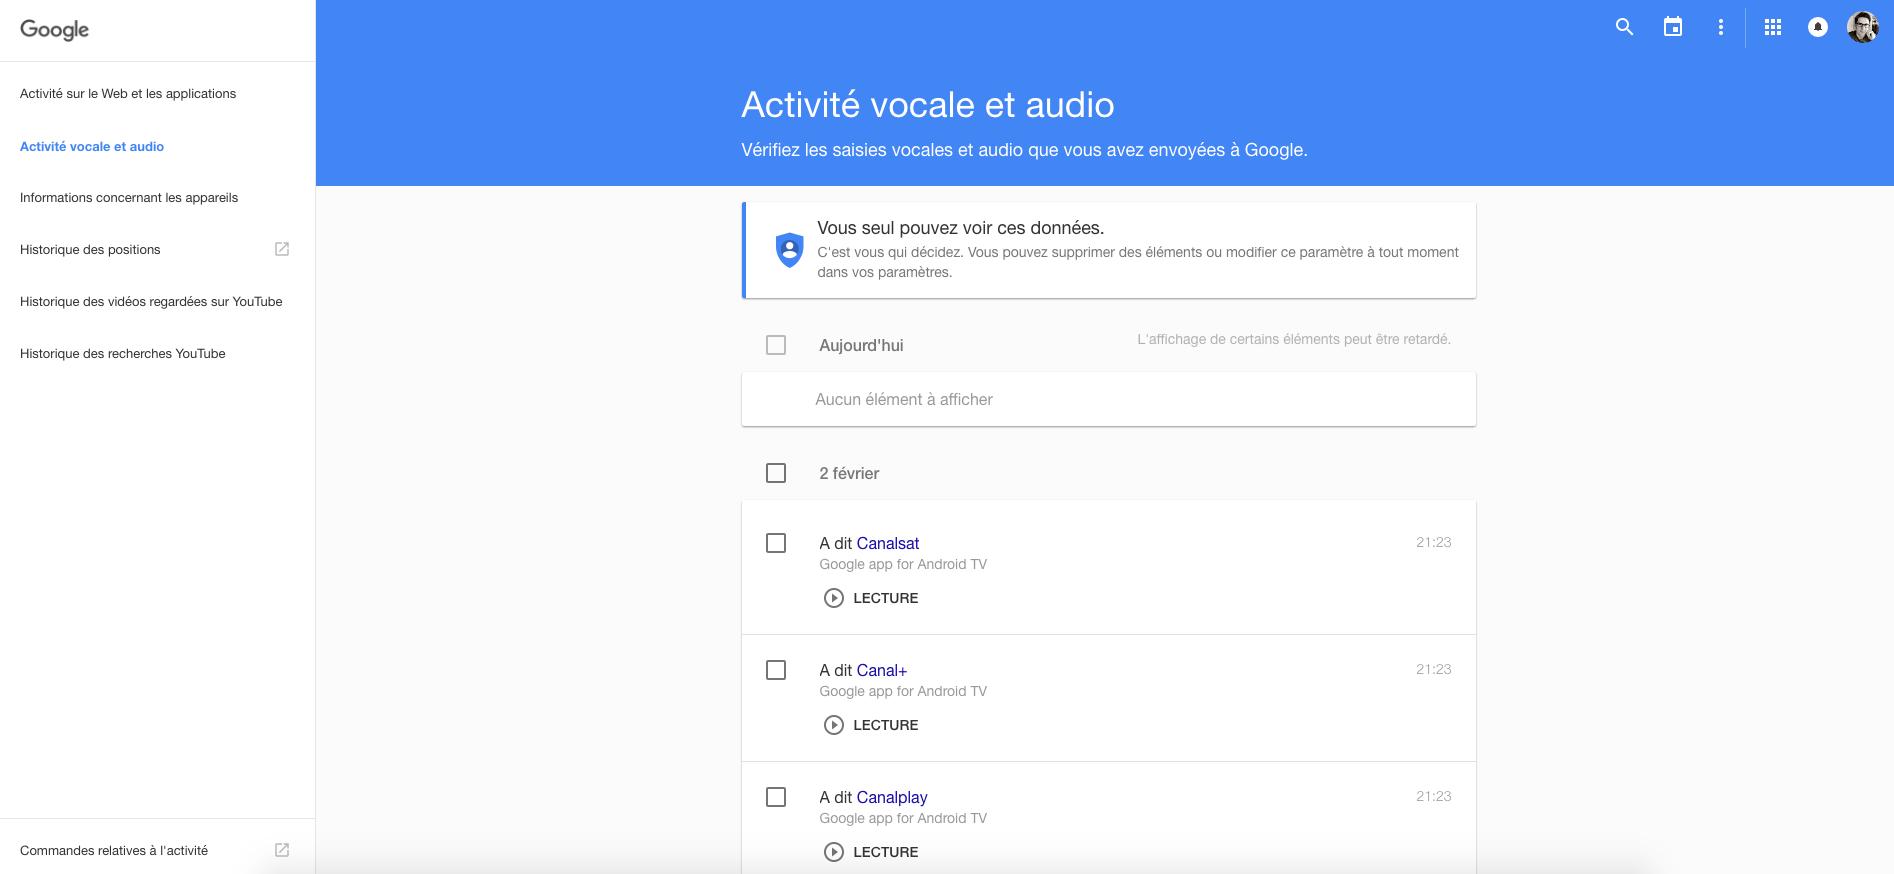 Il est possible d'écouter l'historique de ses recherches vocales Google